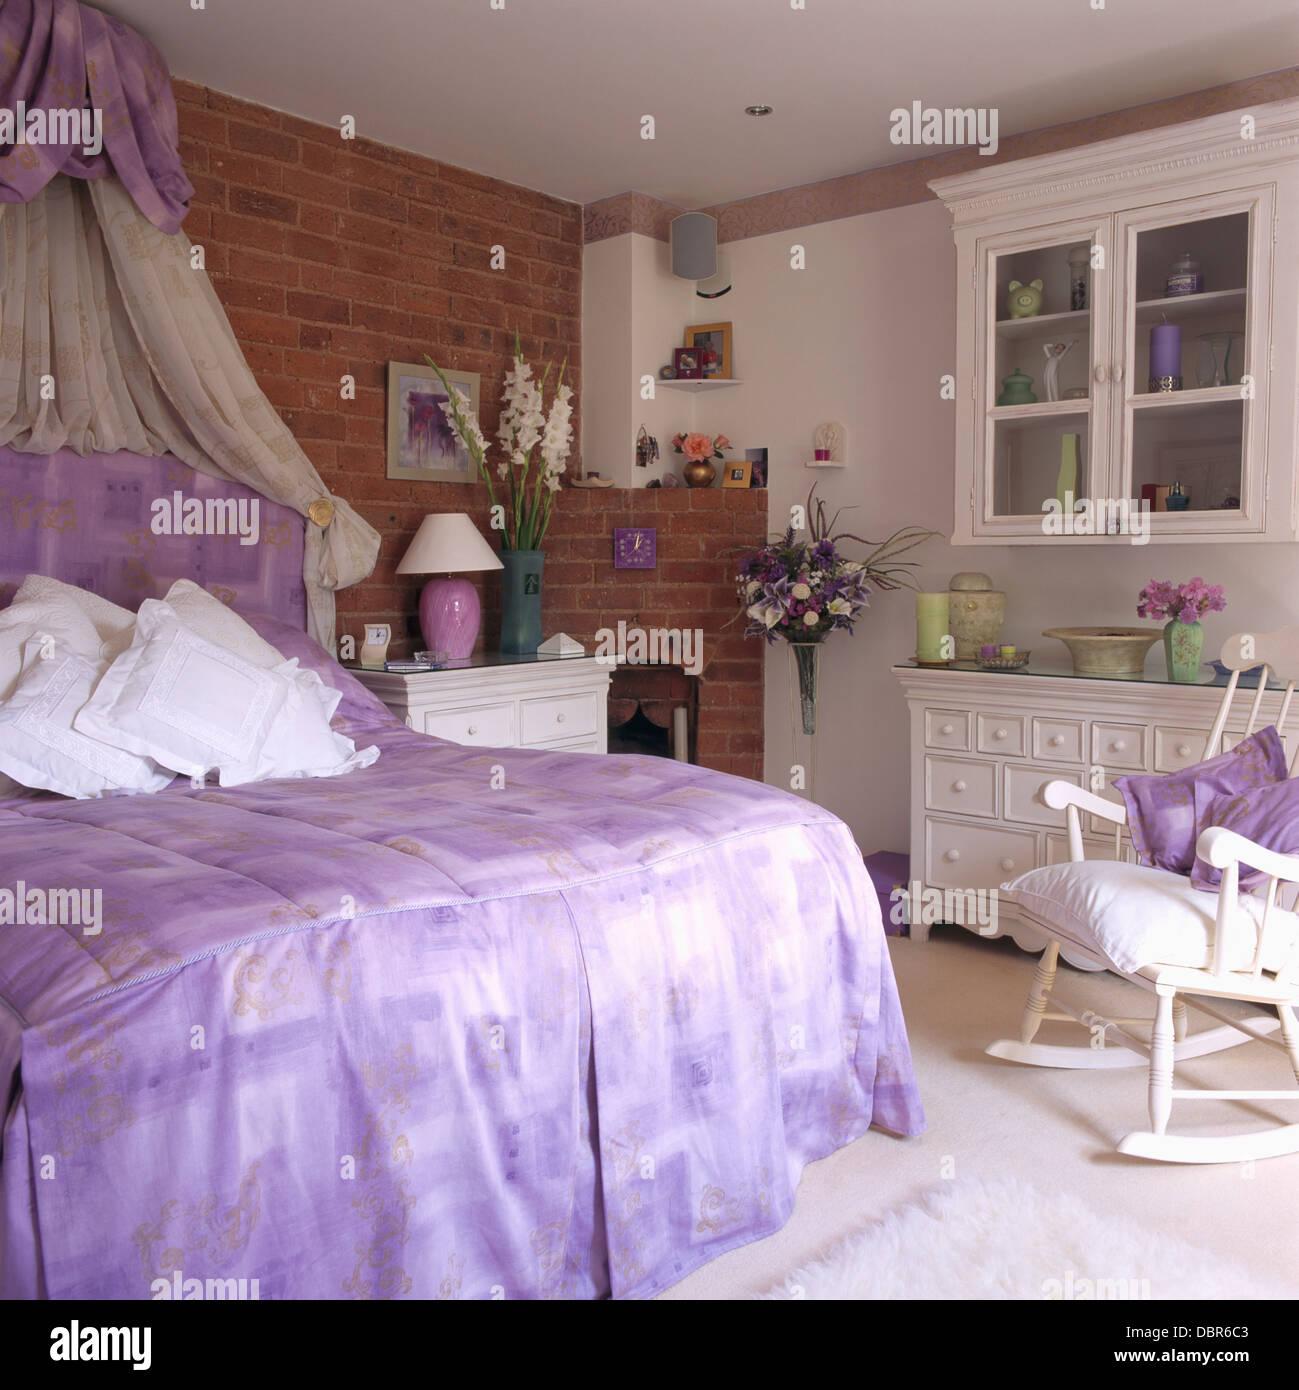 Tete De Lit Voile coronet crème avec rideaux voile au-dessus de lit avec tête